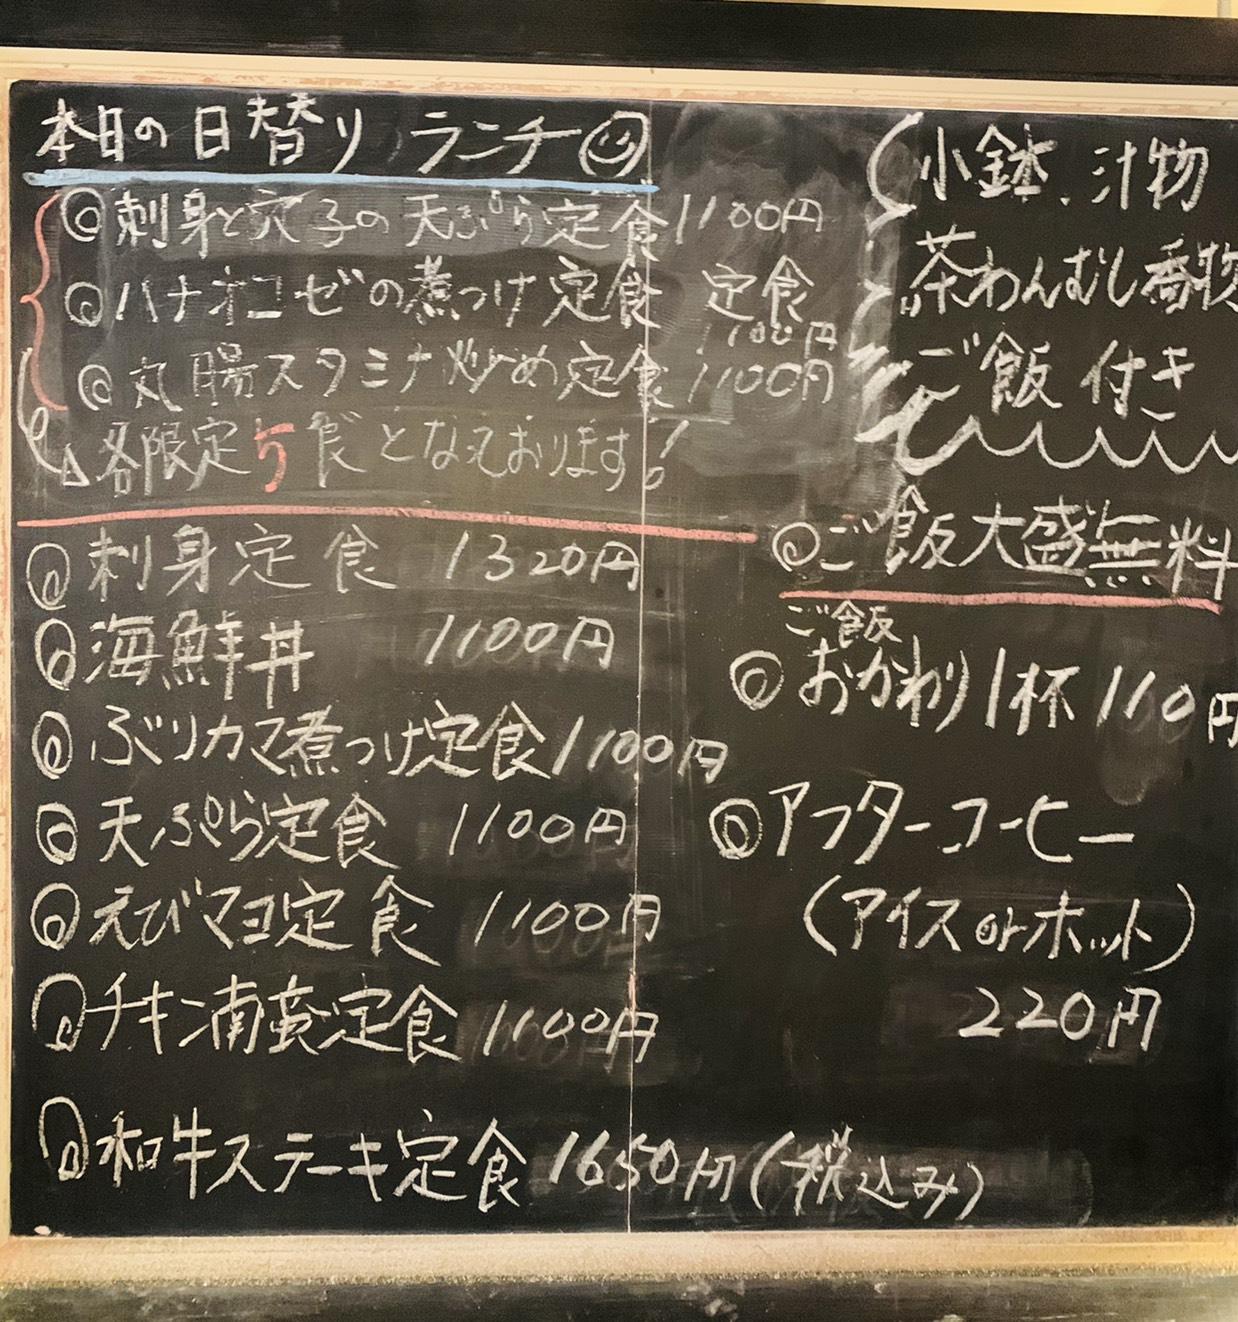 日替わりランチ2021/06/14